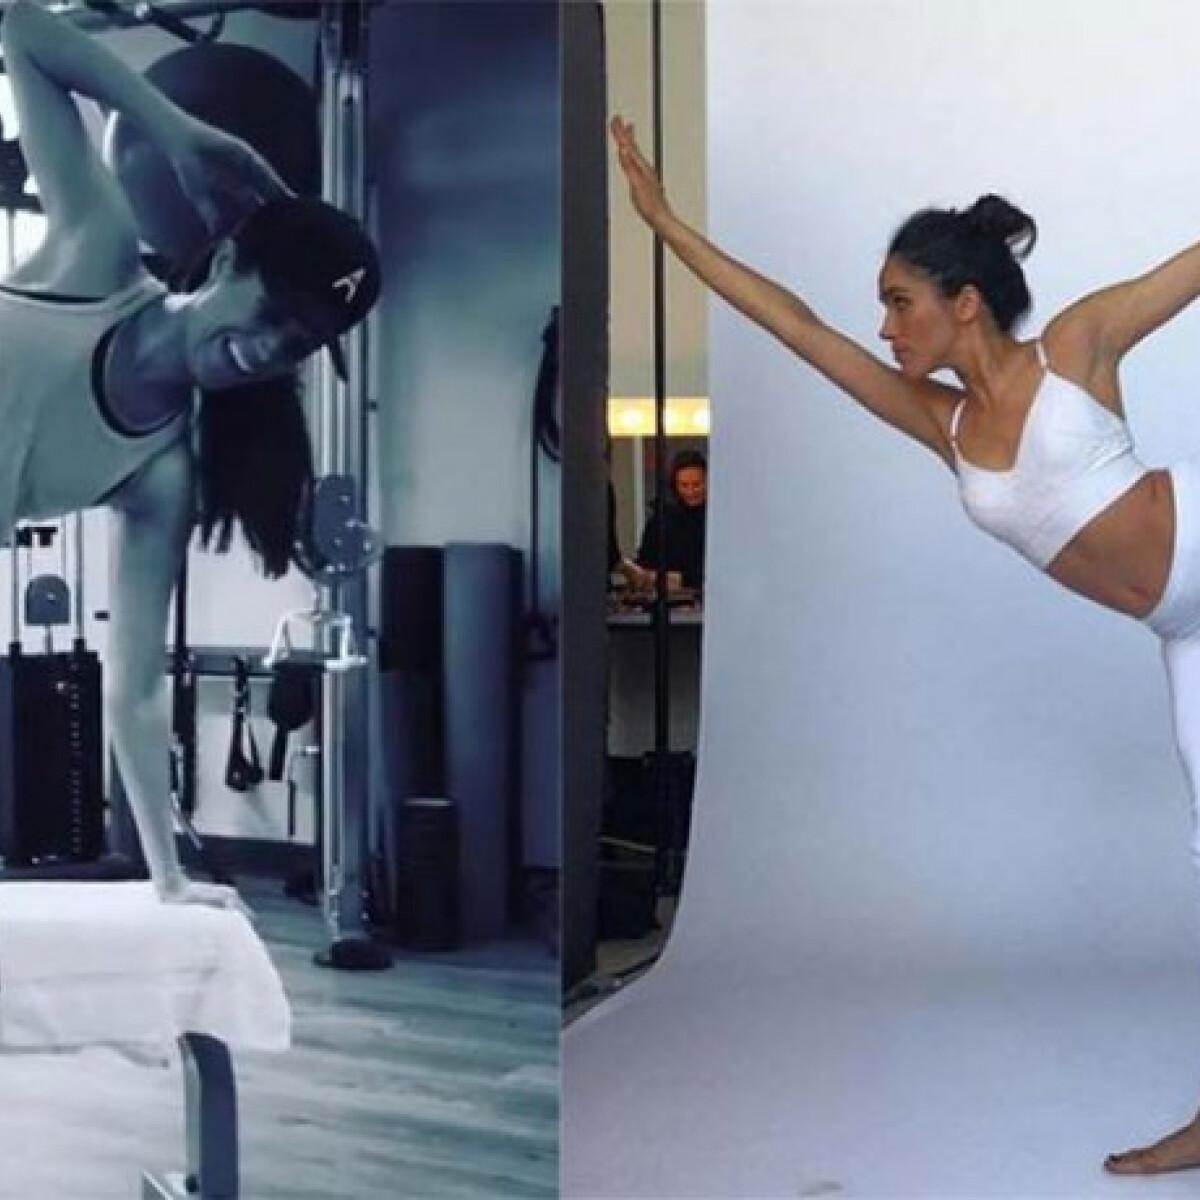 Ez Meghan Markle új kedvenc mozgásformája – leváltotta a jógát valami másra